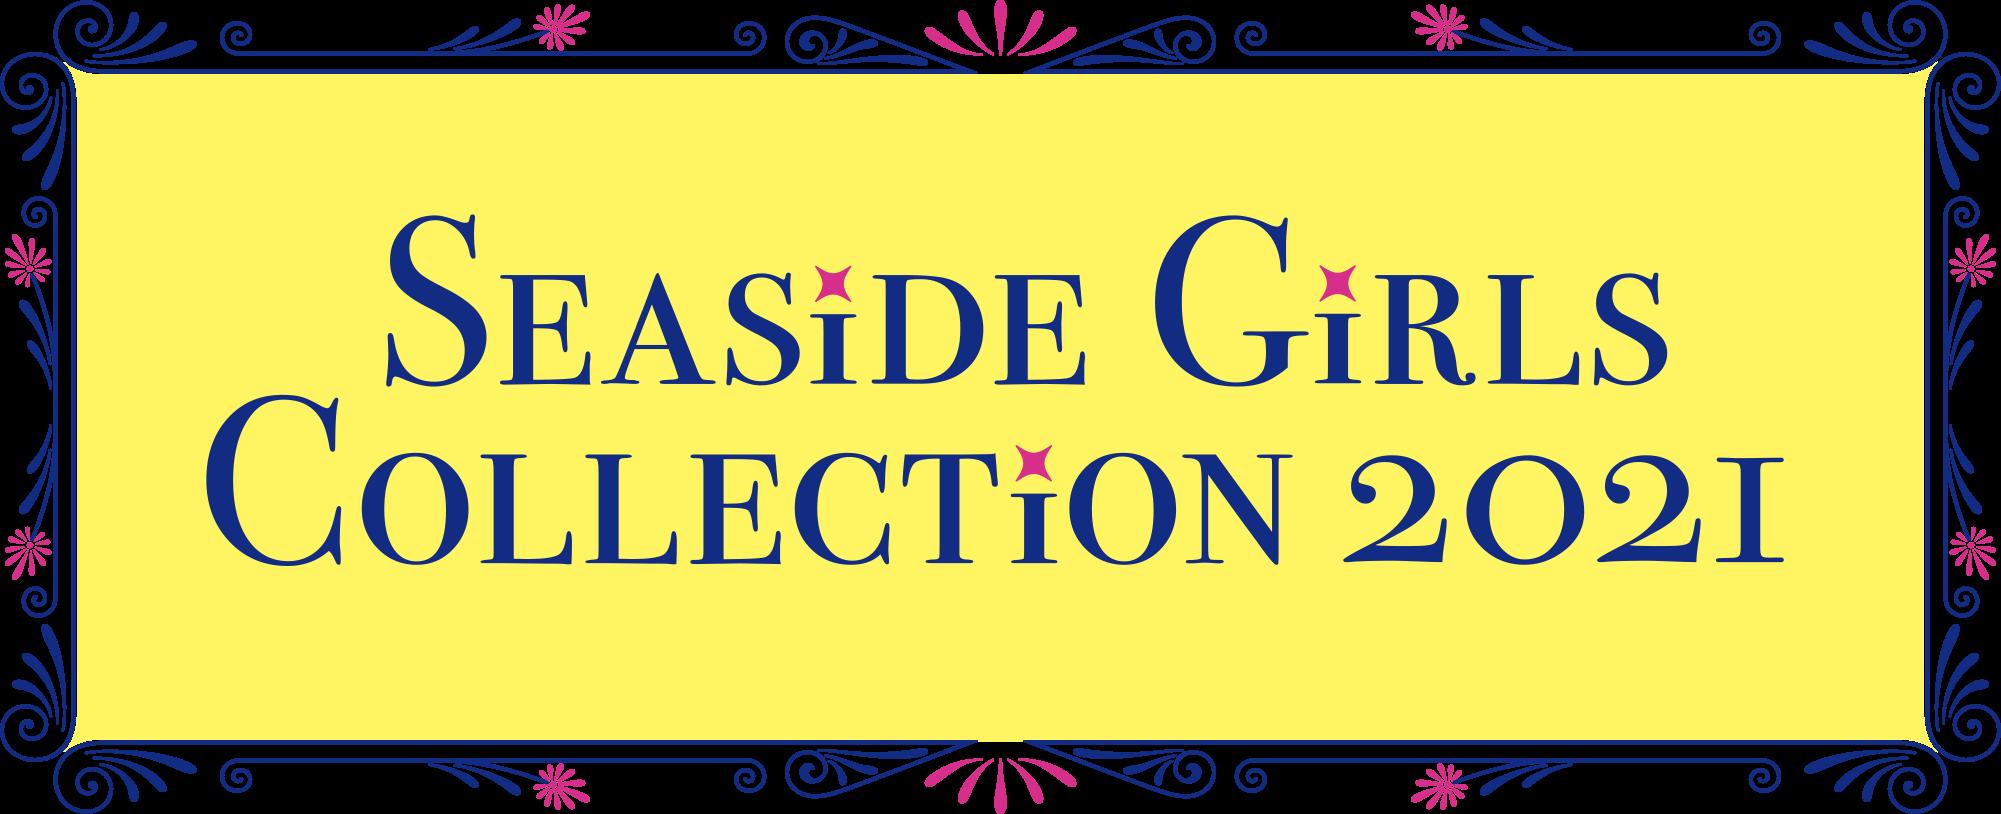 SeasideGirlsCollection2021